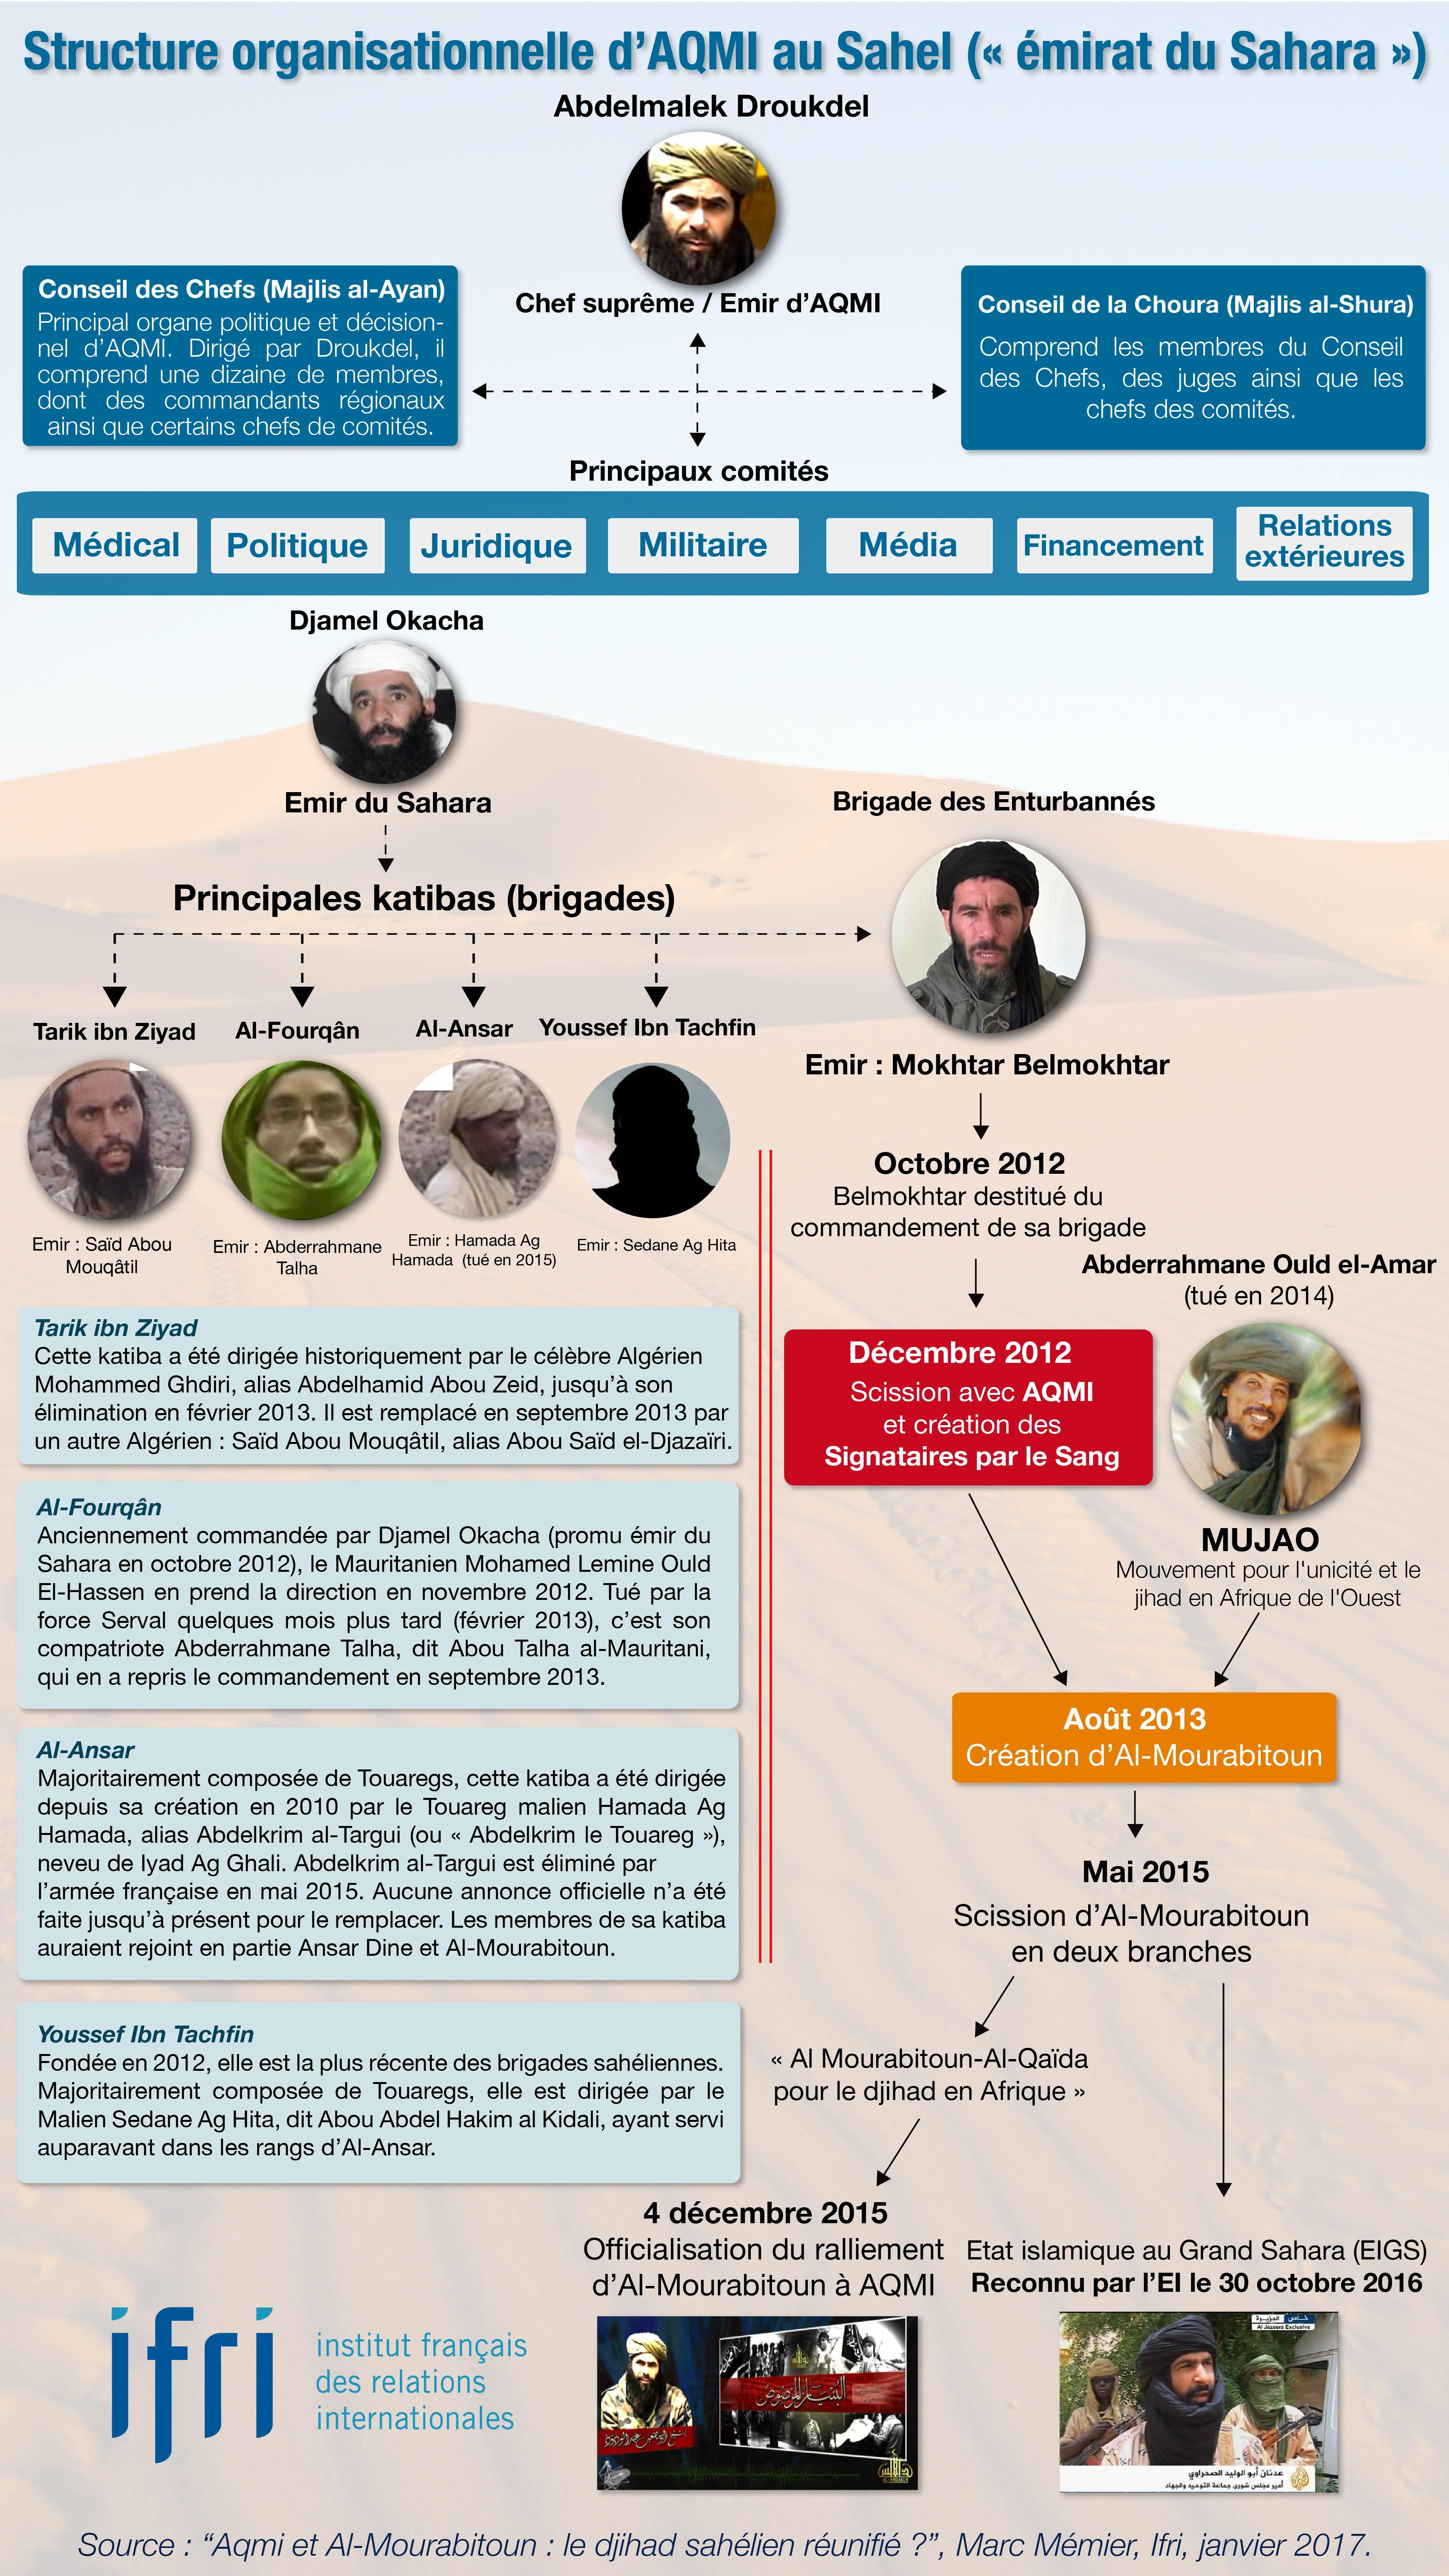 Structure organisationnelle d'AQMI au Sahel.jpg